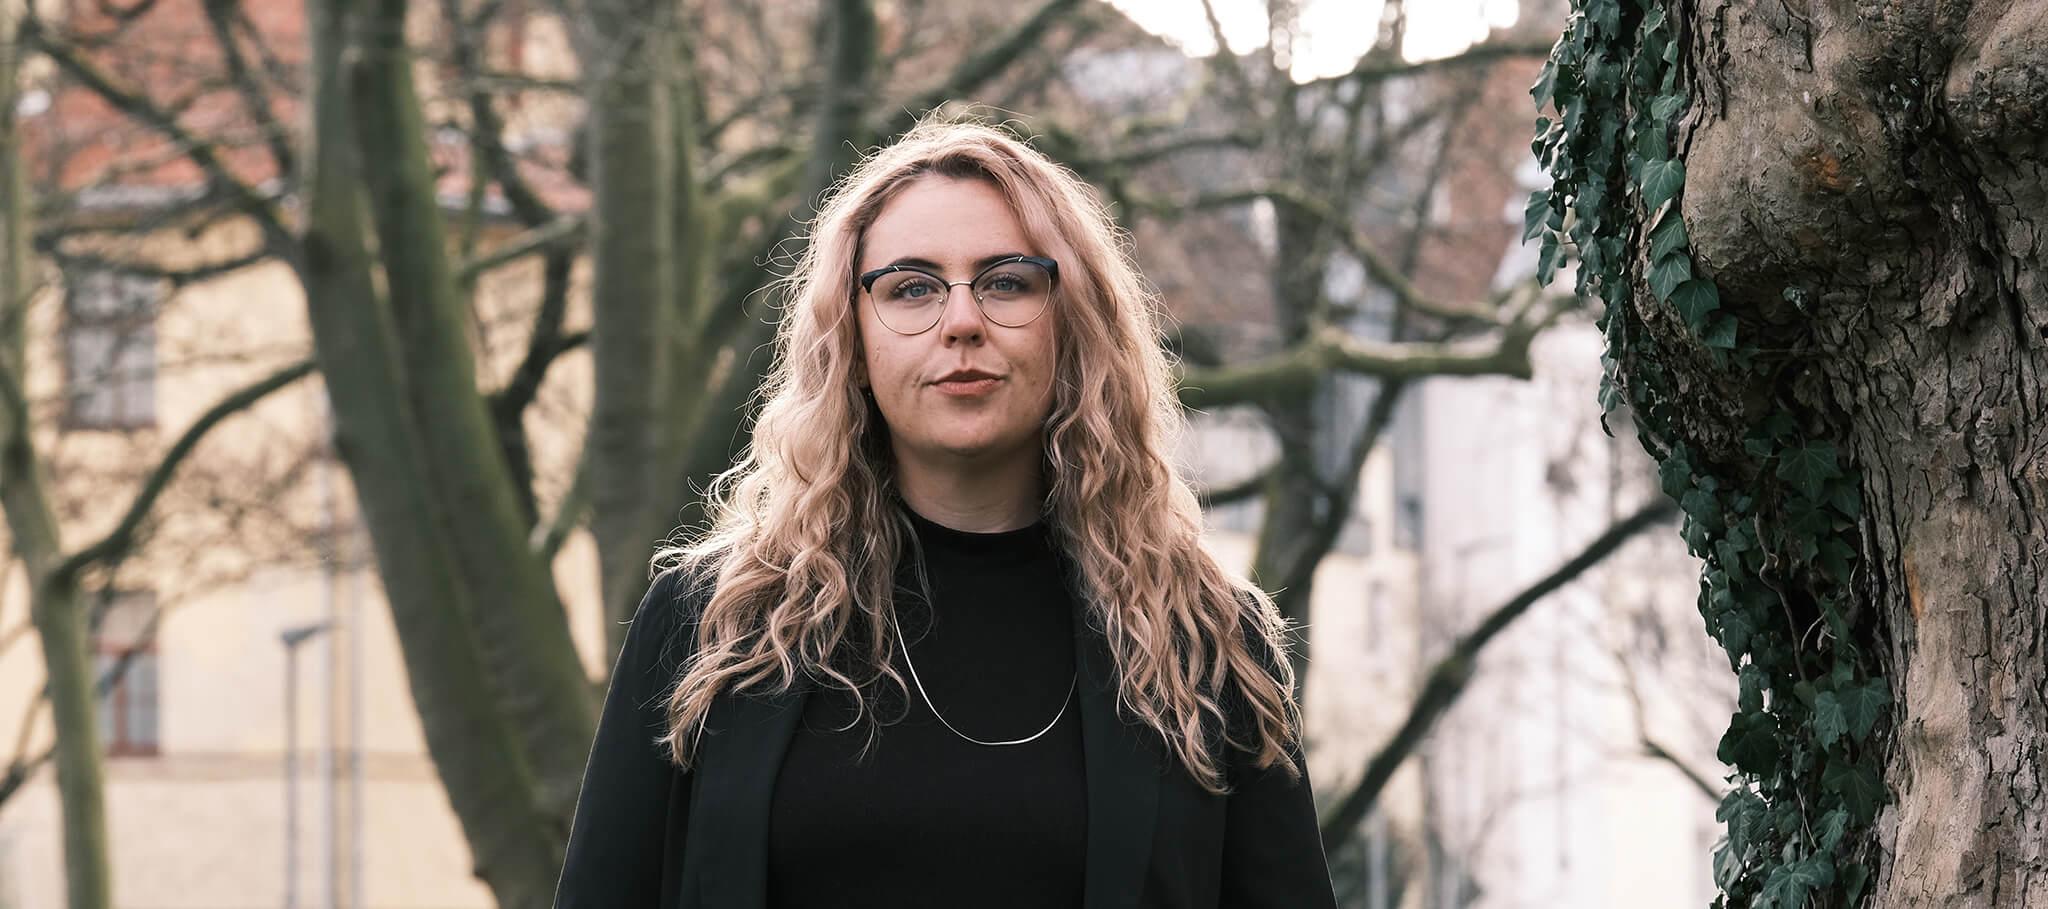 Viktoria Kruse